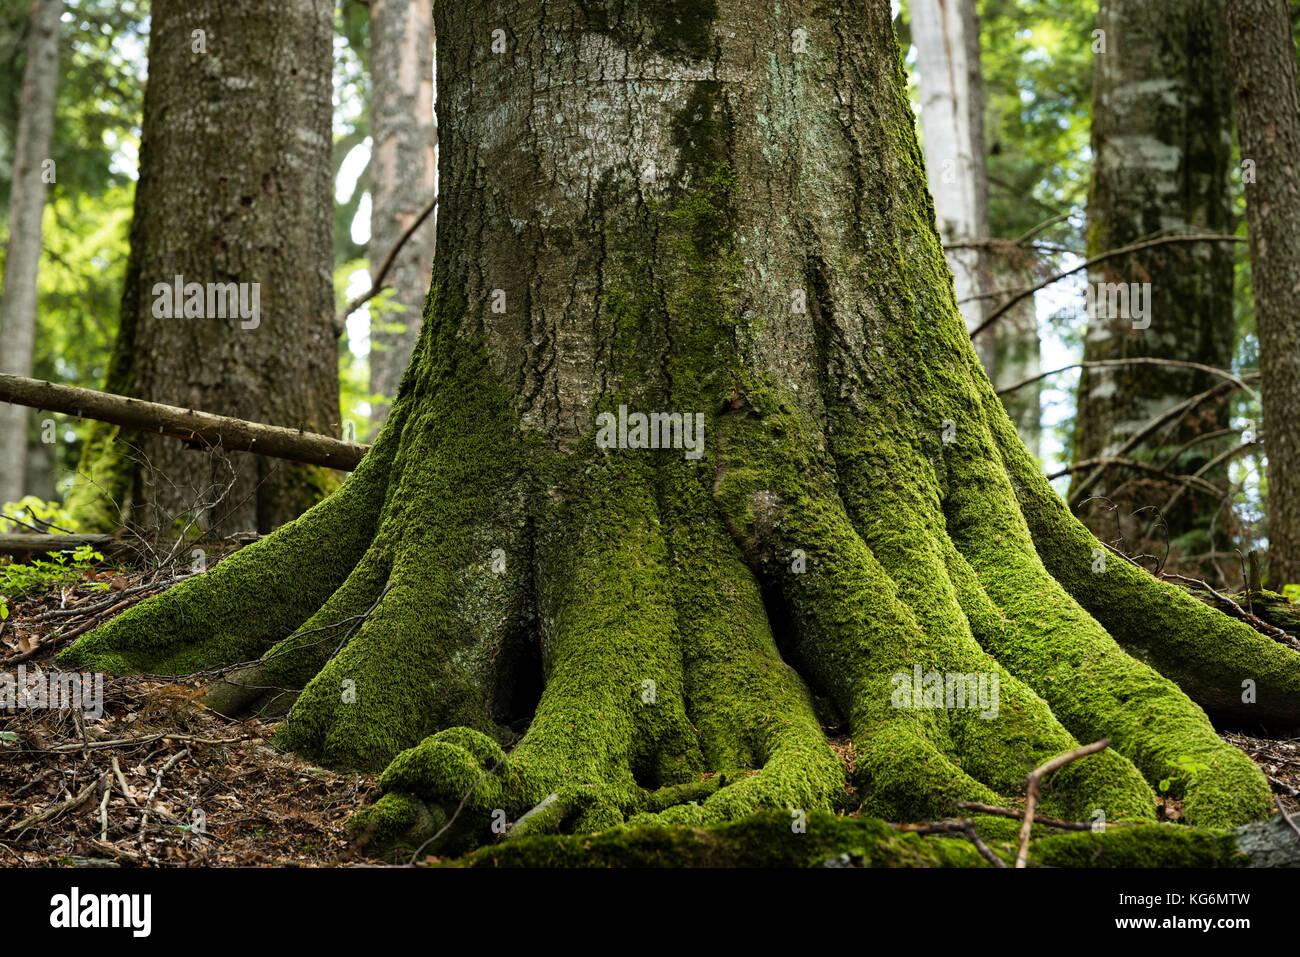 Fagaras Natura 2000-Gebiet, Rumänien: UNESCO-Weltkulturerbe geschützter Primärwald von Sinca - einer der letzten Stockfoto